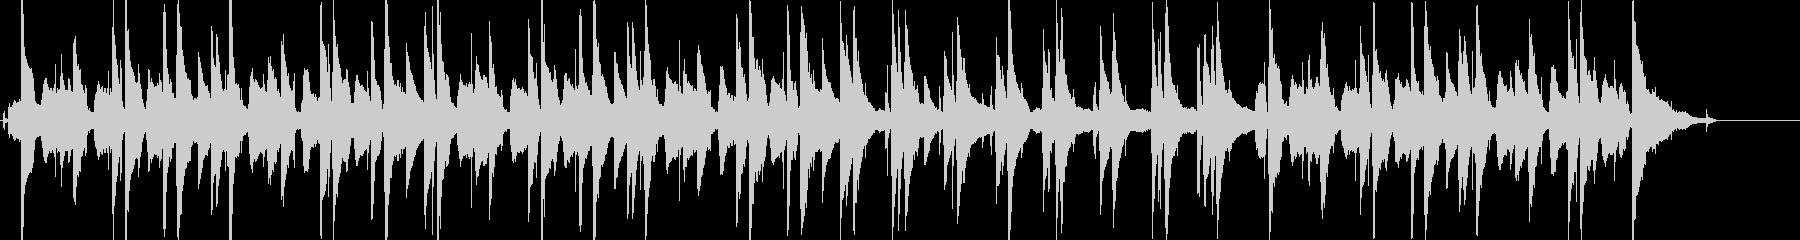 シンプルながら大人な雰囲気のJazzの未再生の波形